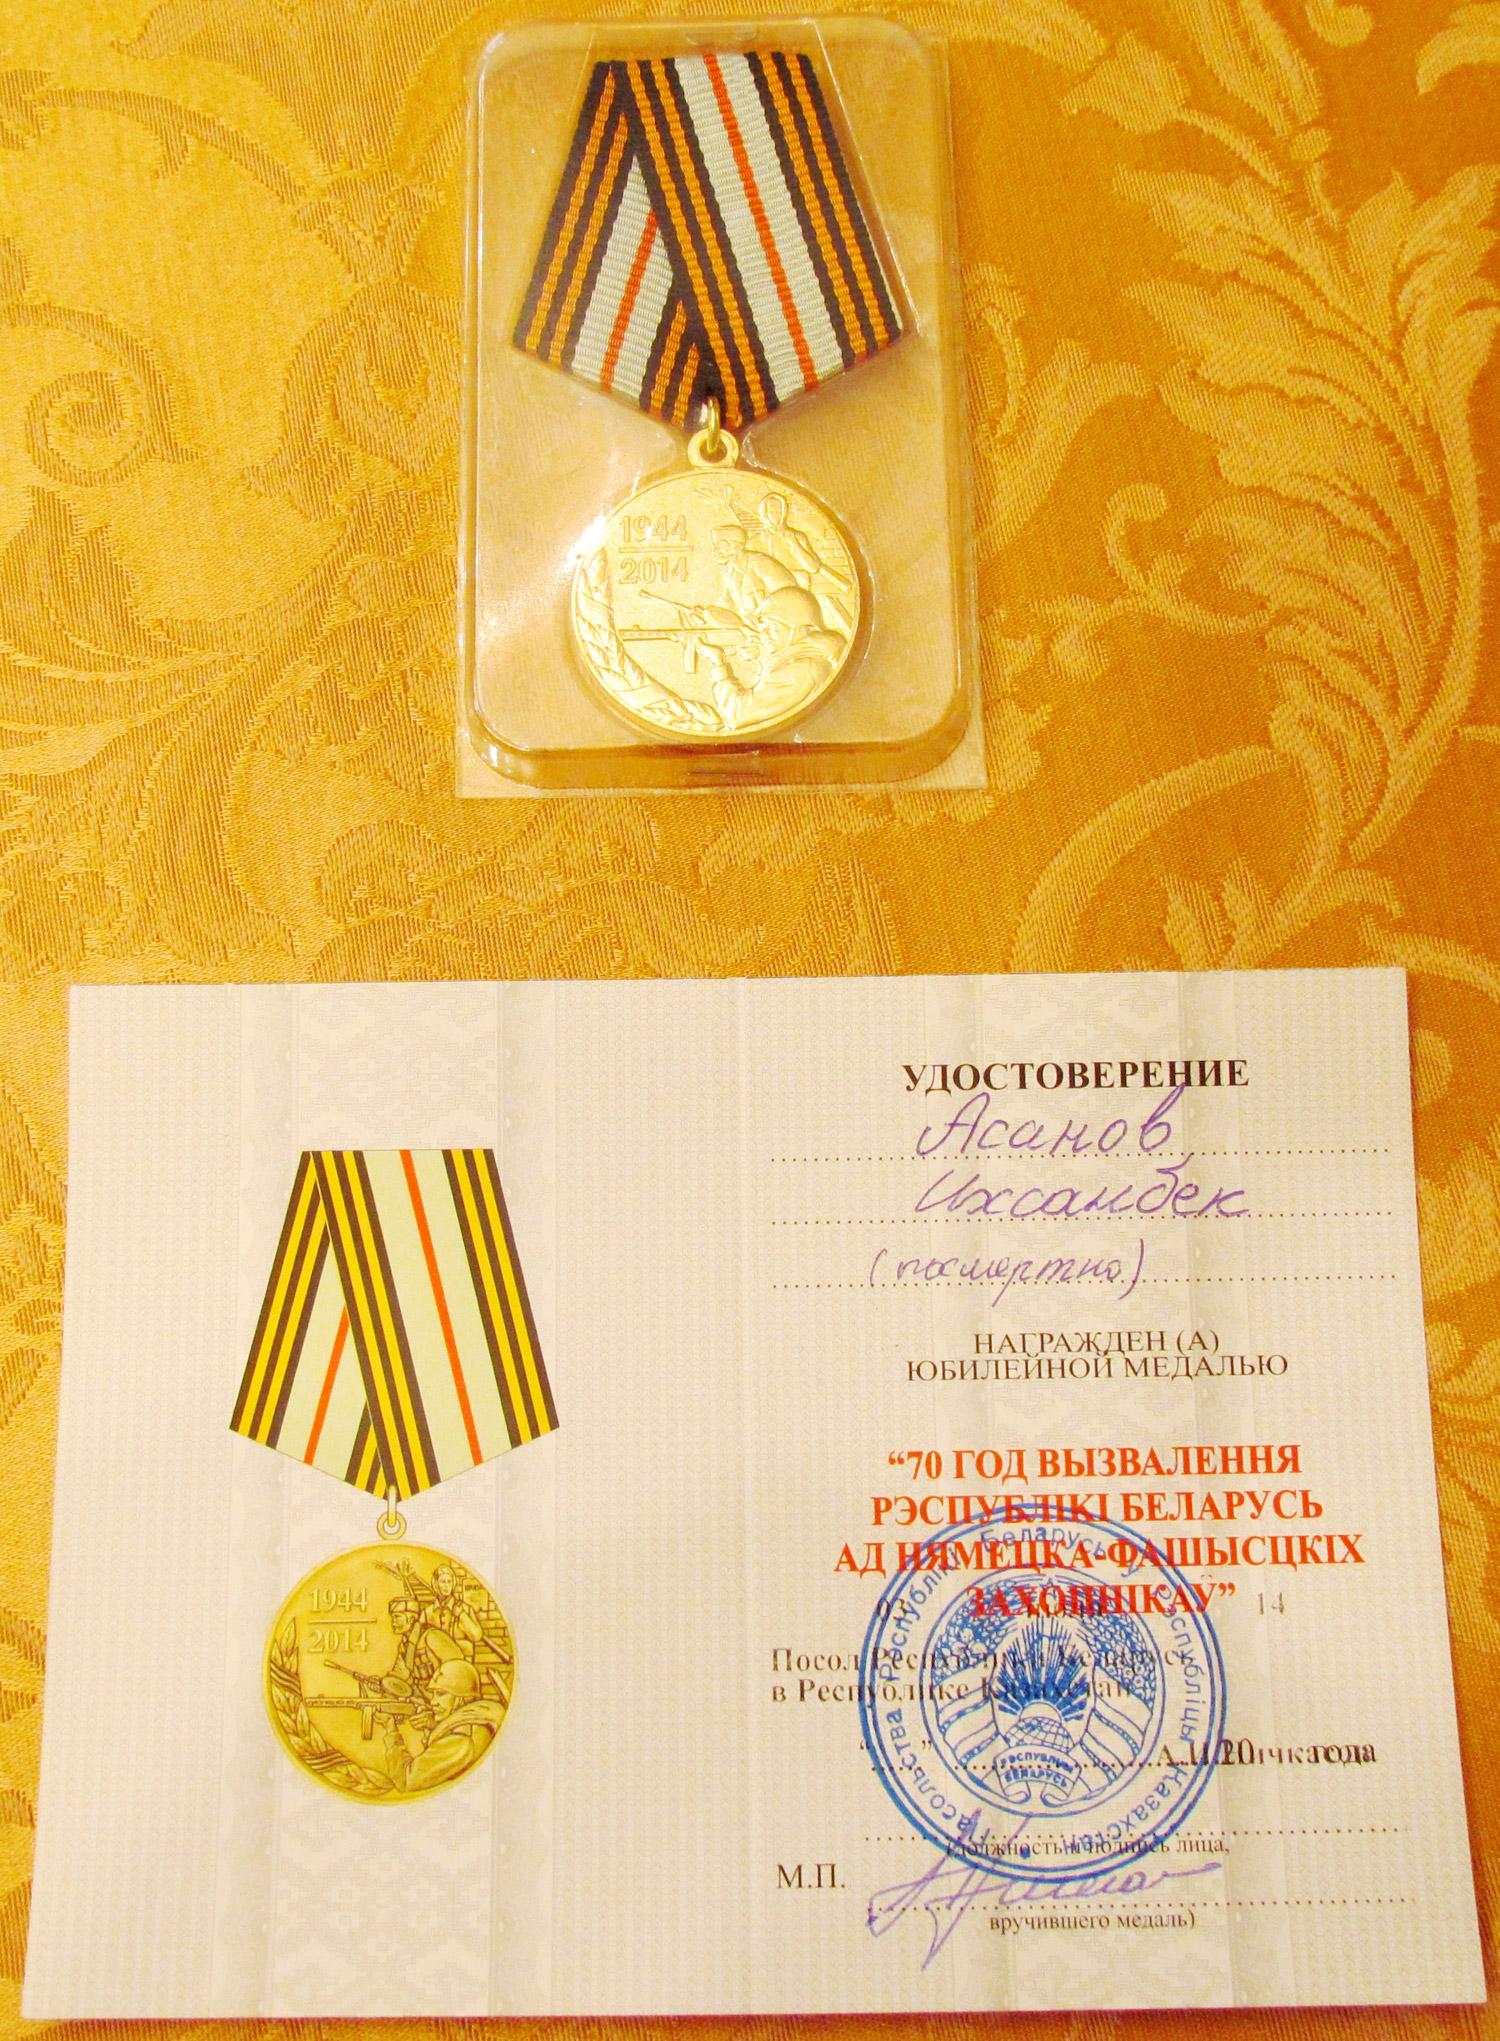 Чтобы продолжить, перейдите по ссылке памятная медаль